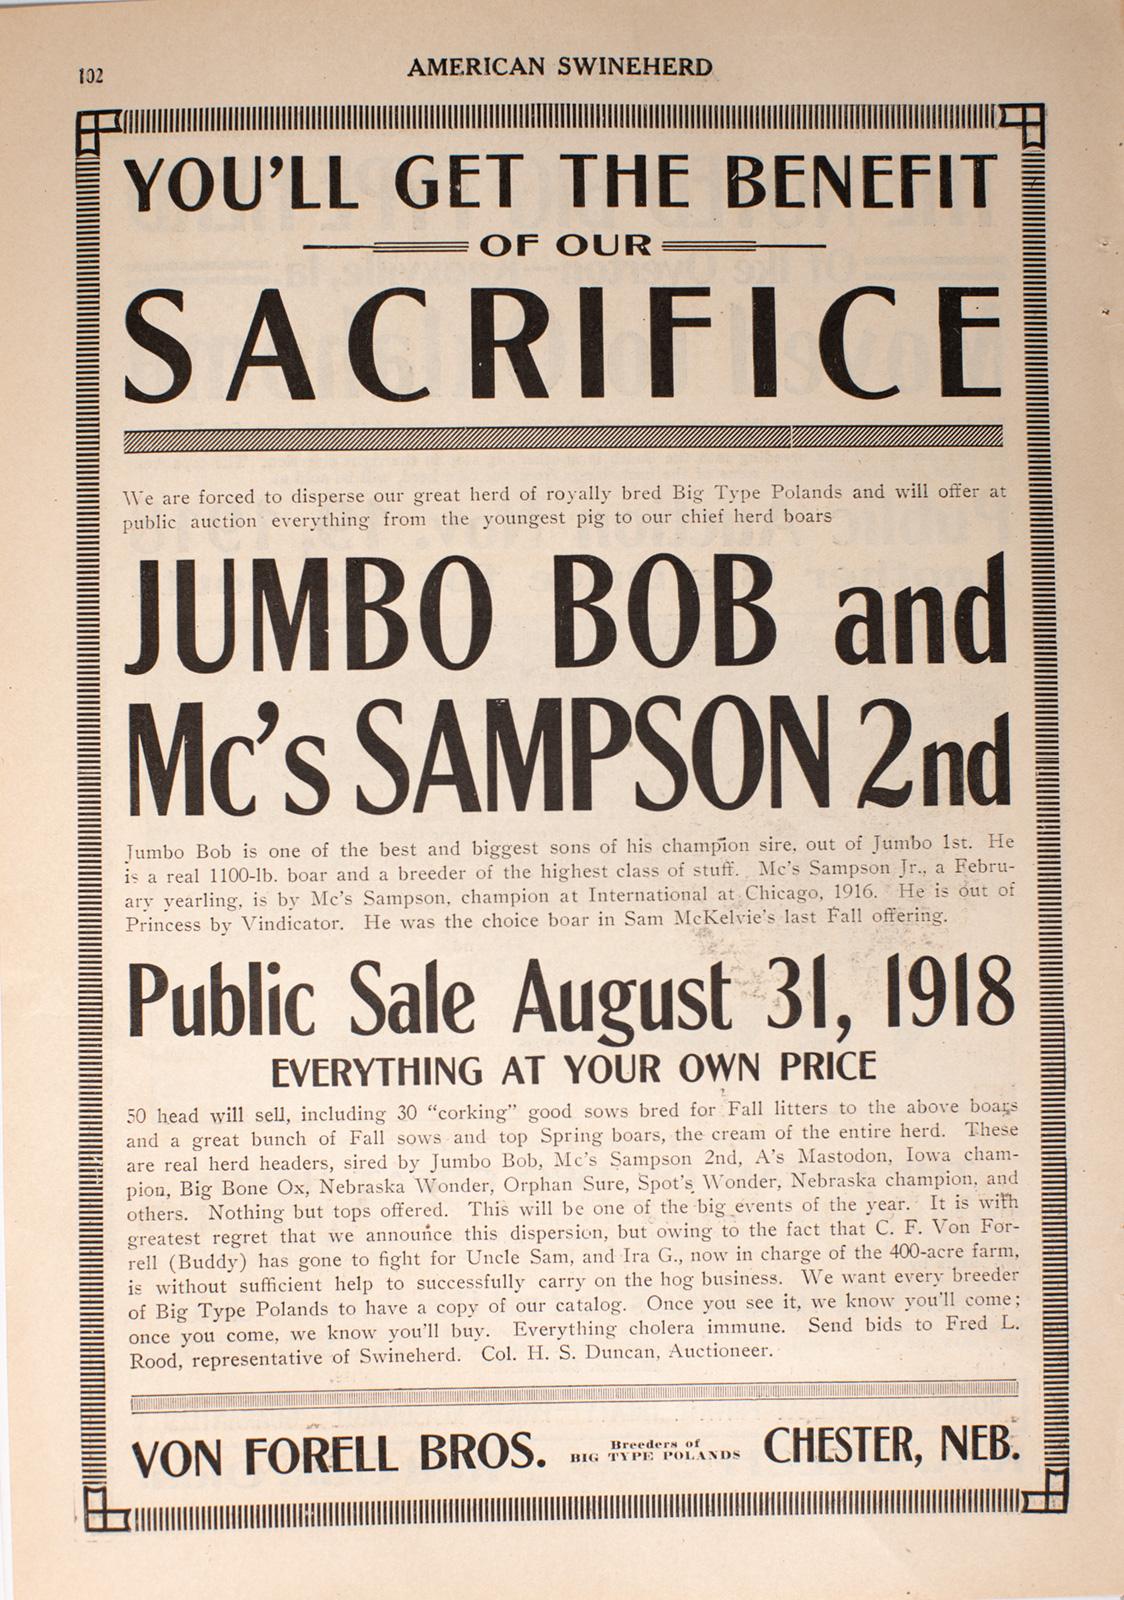 Auction Poster for Poland Pigs in Chester Nebraska 1918 Image